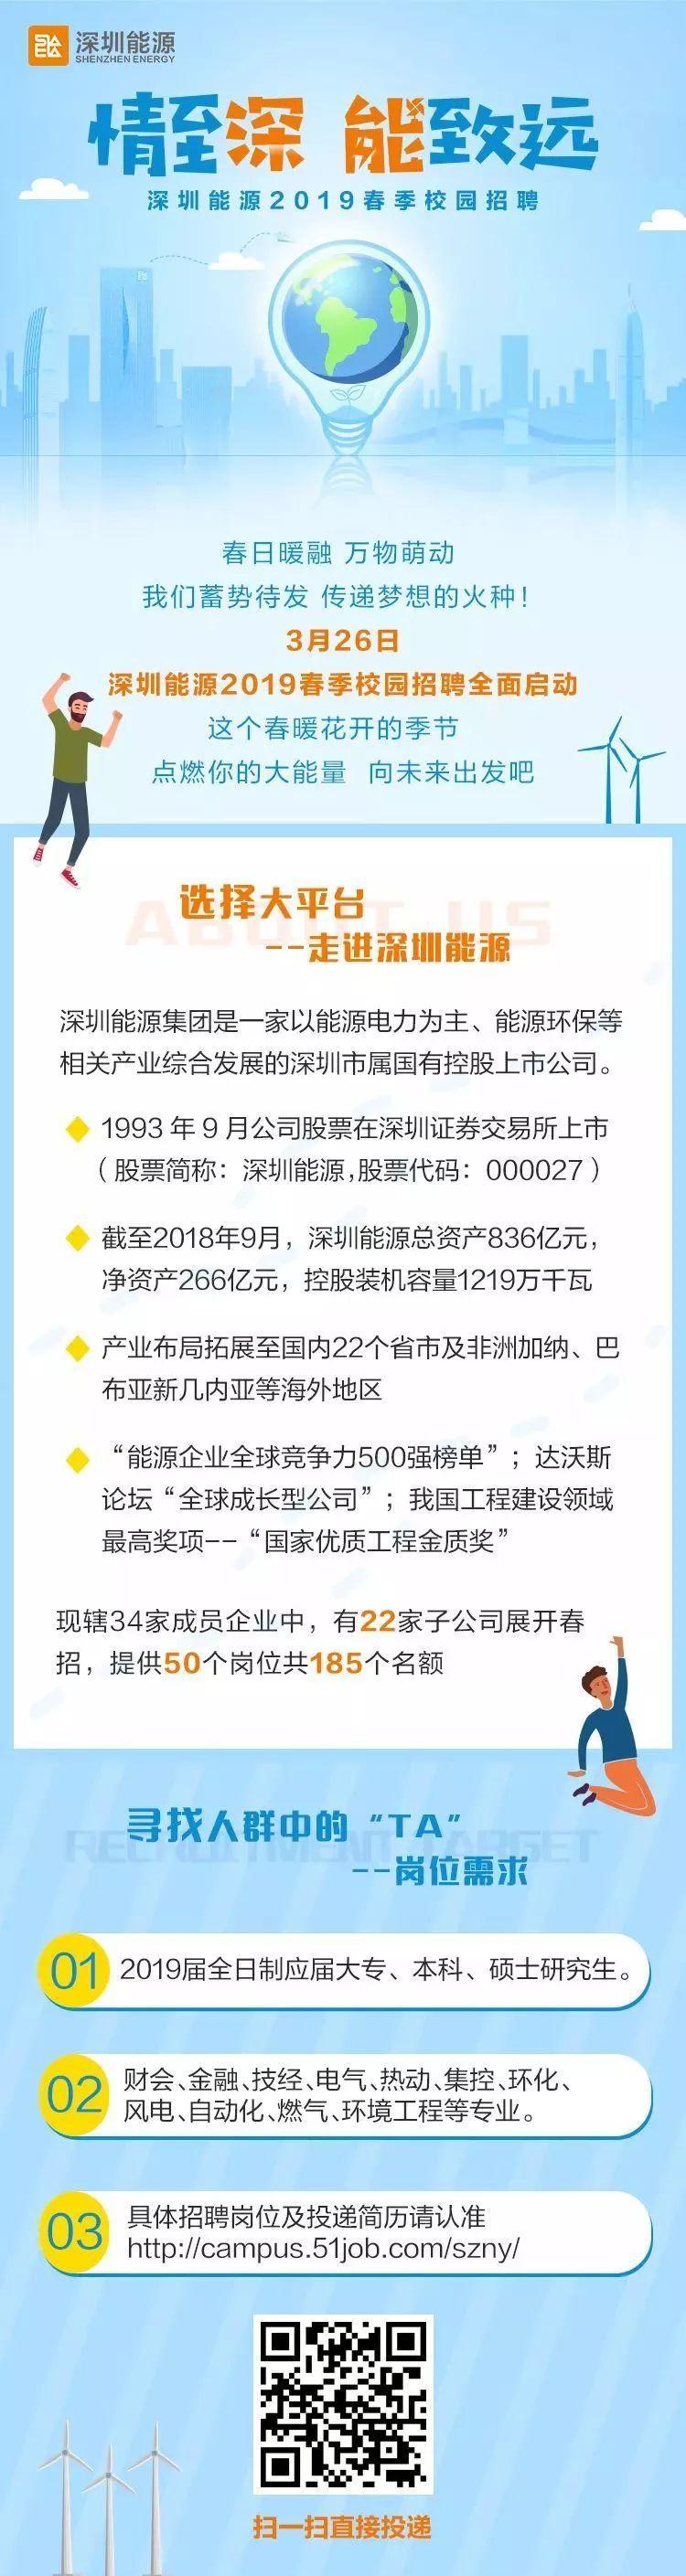 年轻人,Join us!深圳能源2019春季招聘来啦!